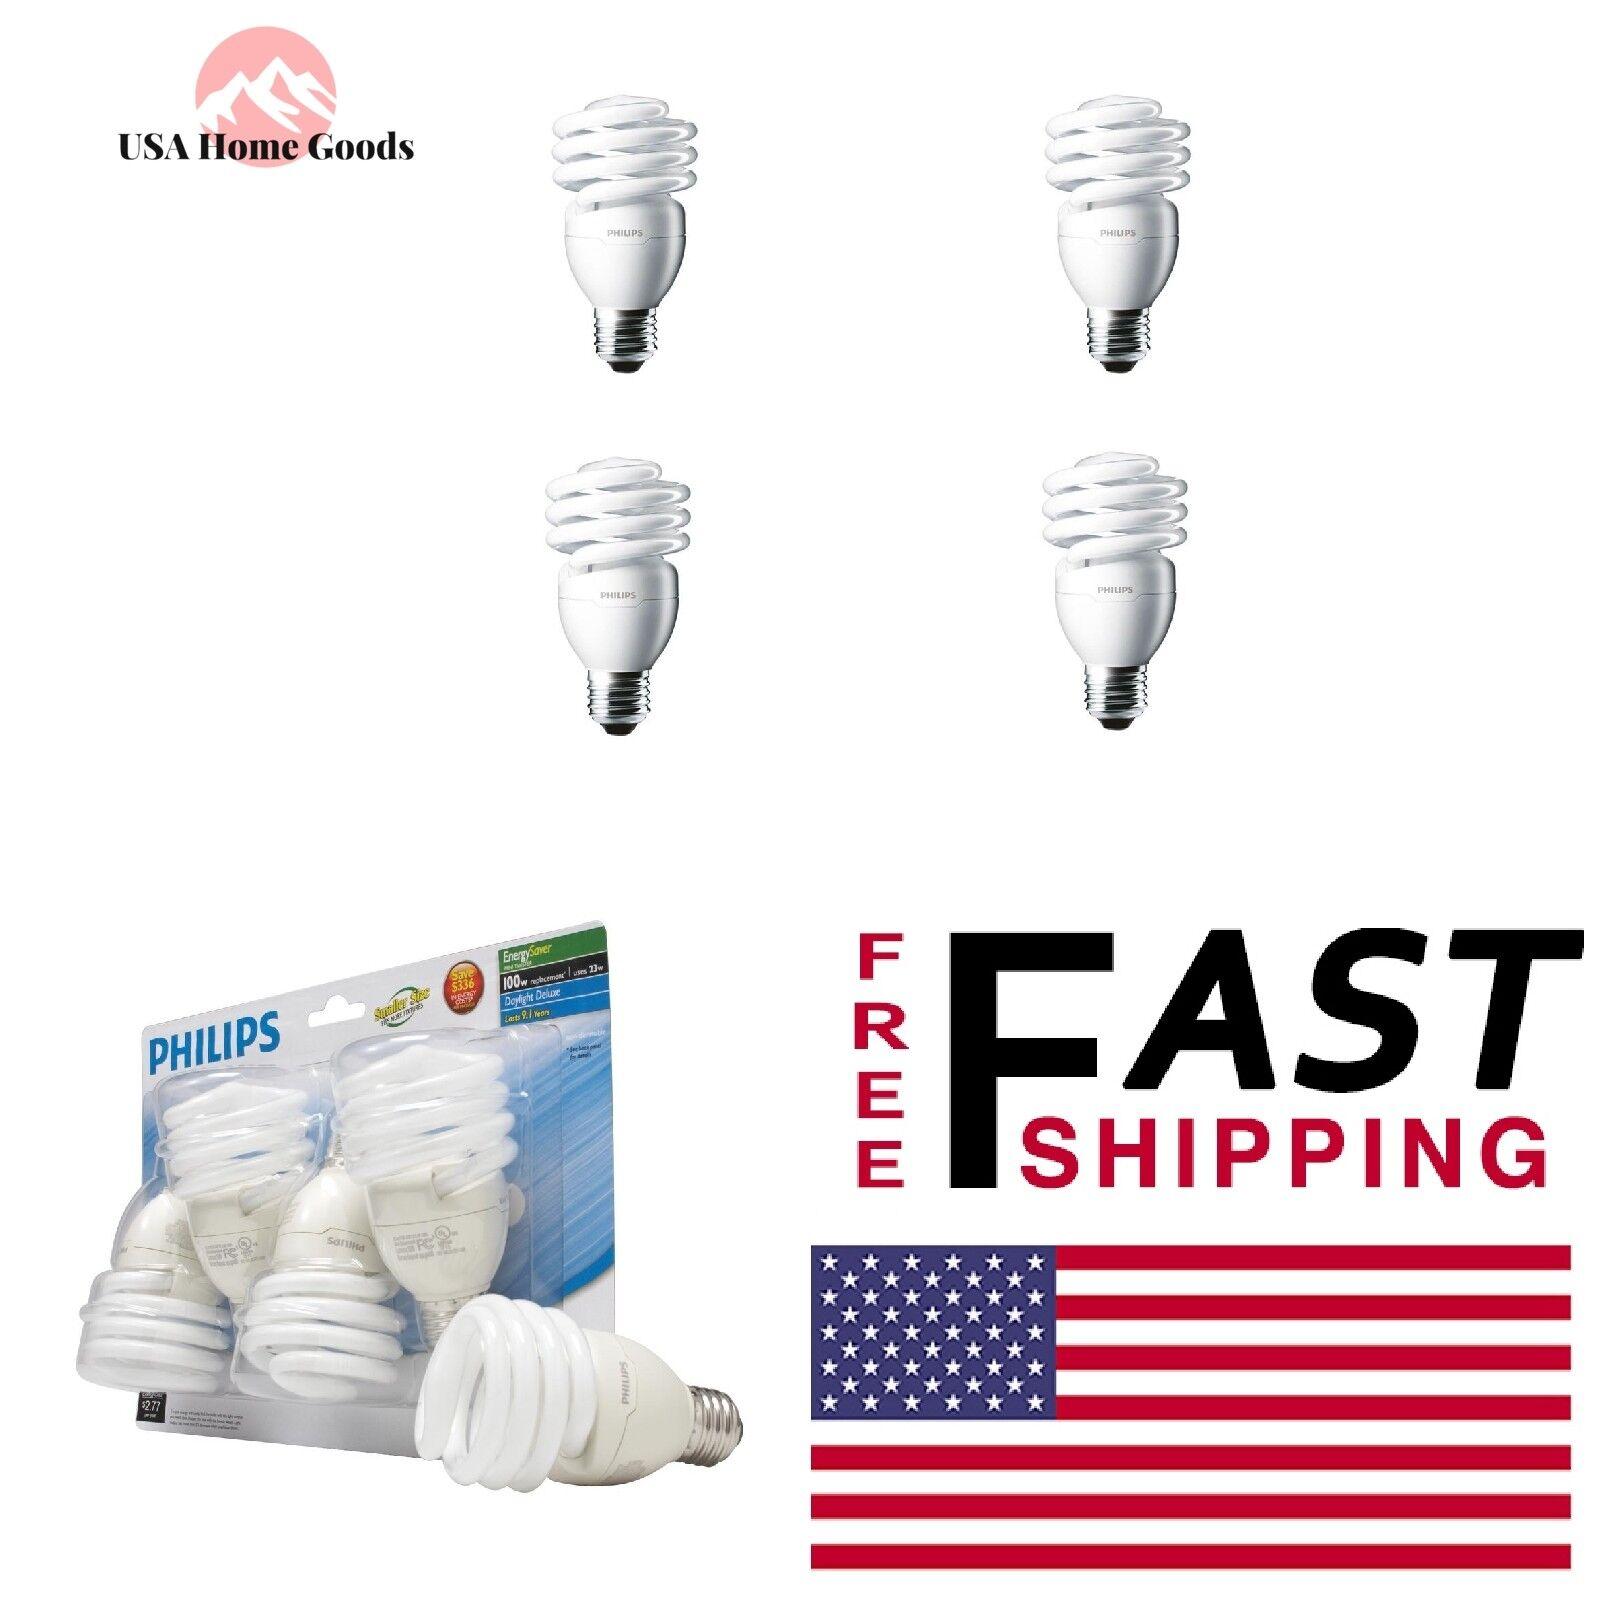 Philips 433557 23W 100 watt T2 Twister 6500K CFL Light Bulb